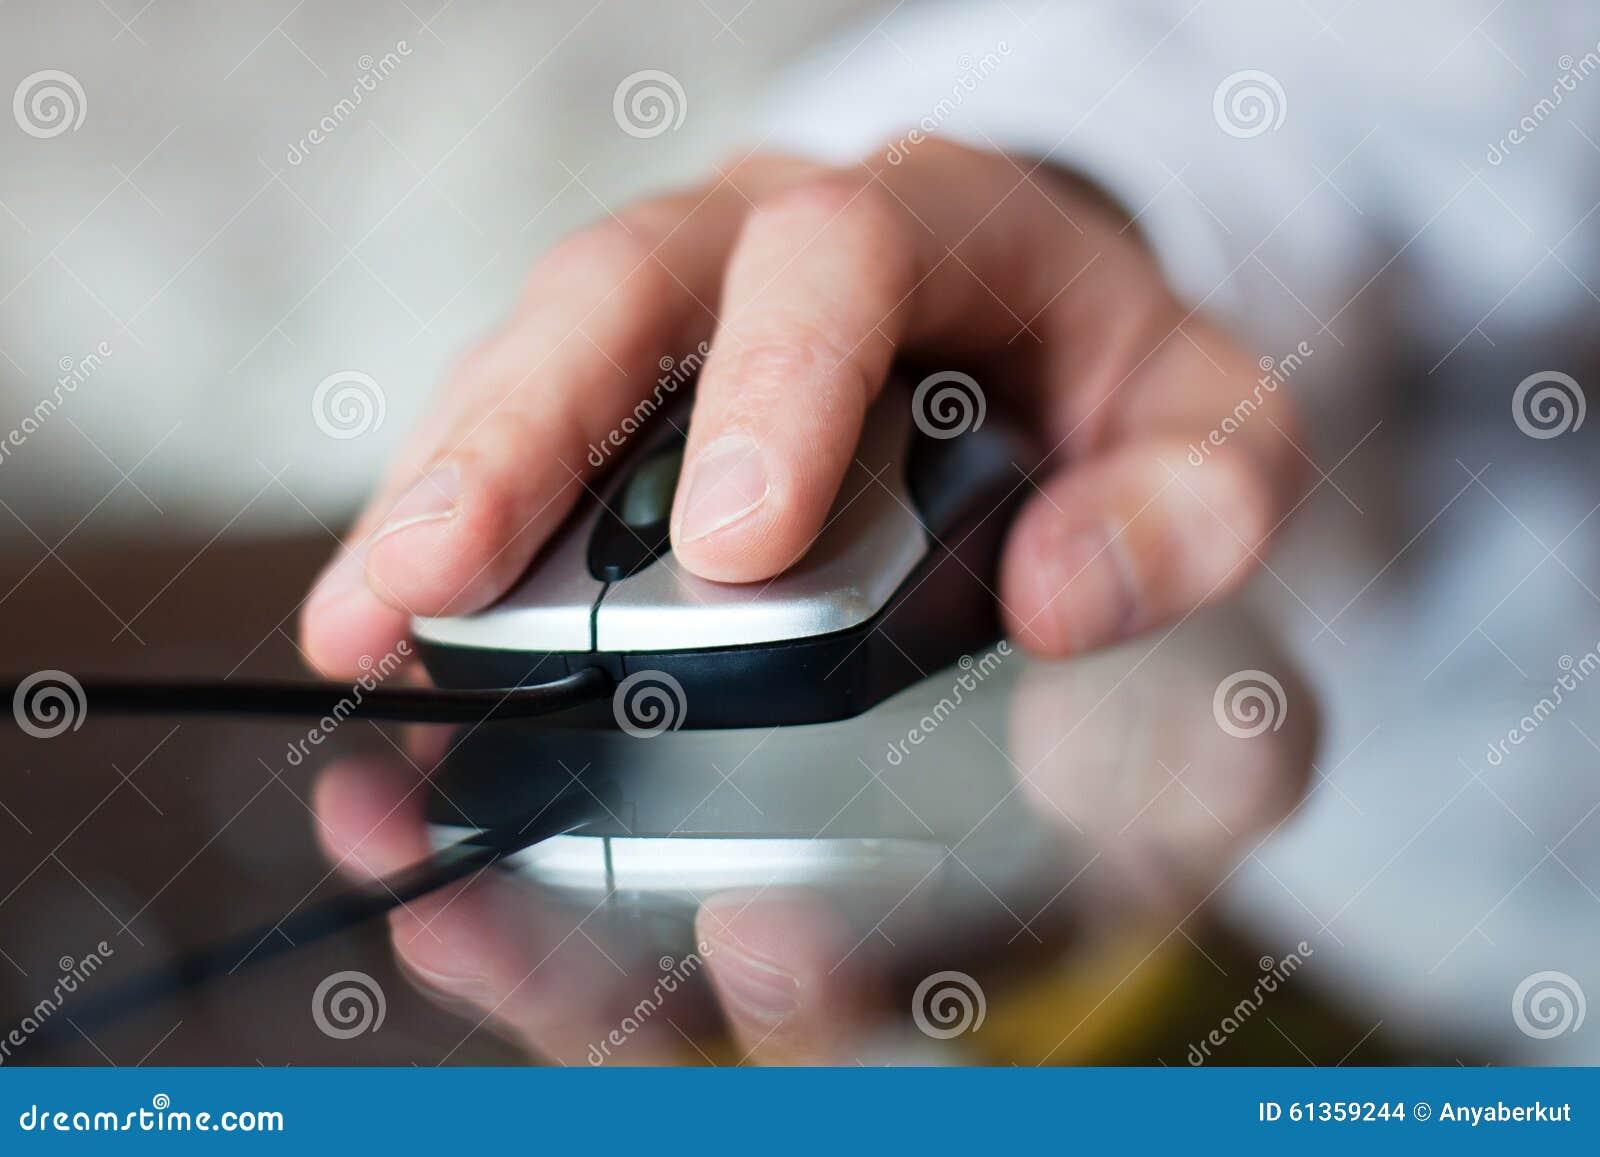 Mano con el ratón del ordenador